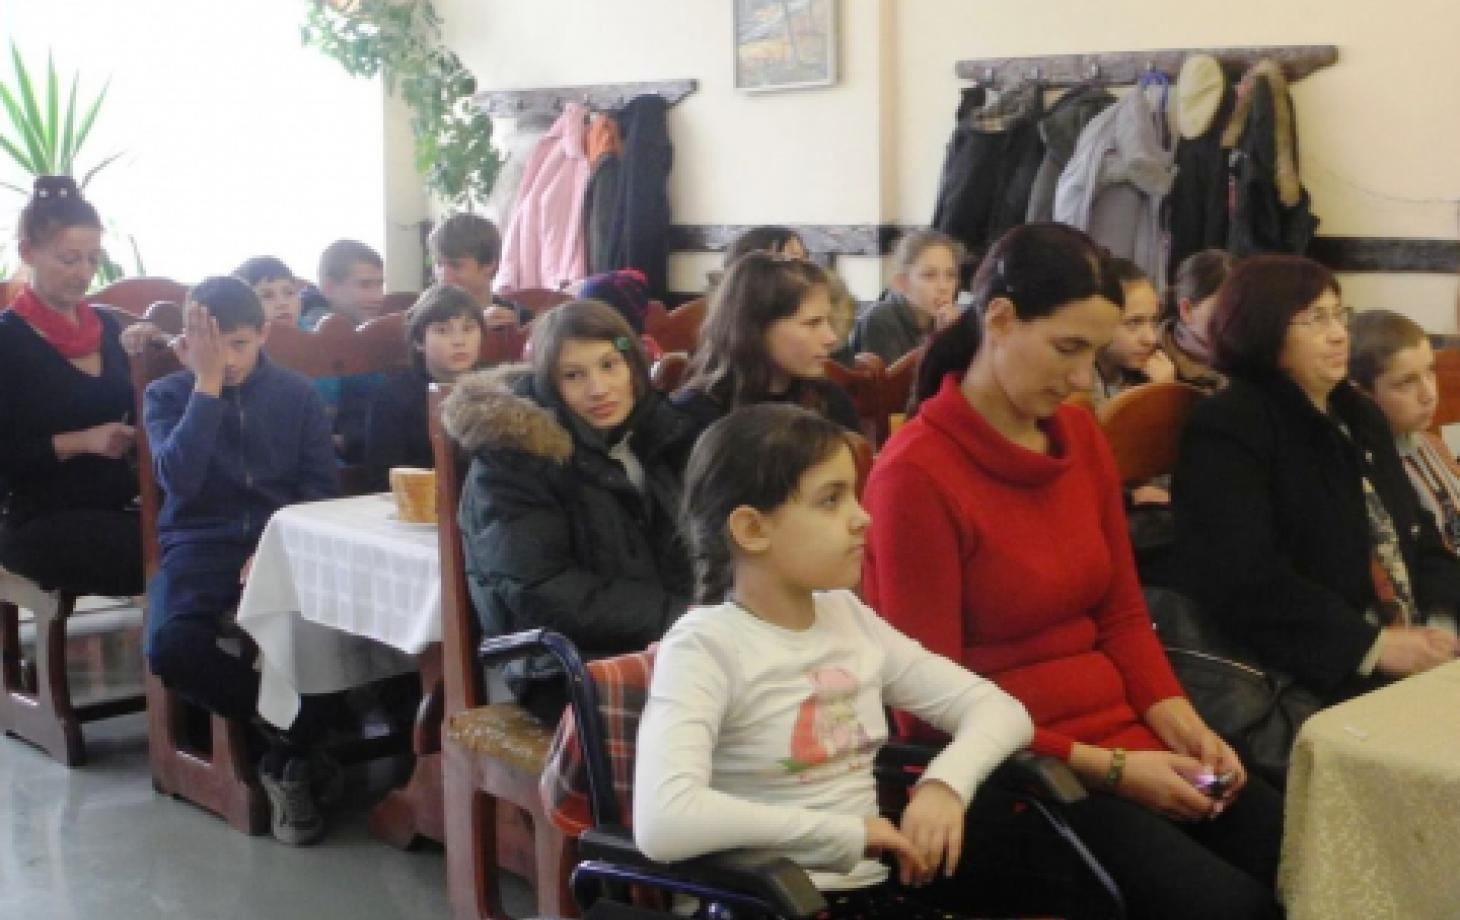 Магдалена и Наталья Чобану вместе с другими детьми из Яловен участвуют в публичных обсуждениях по правам человека